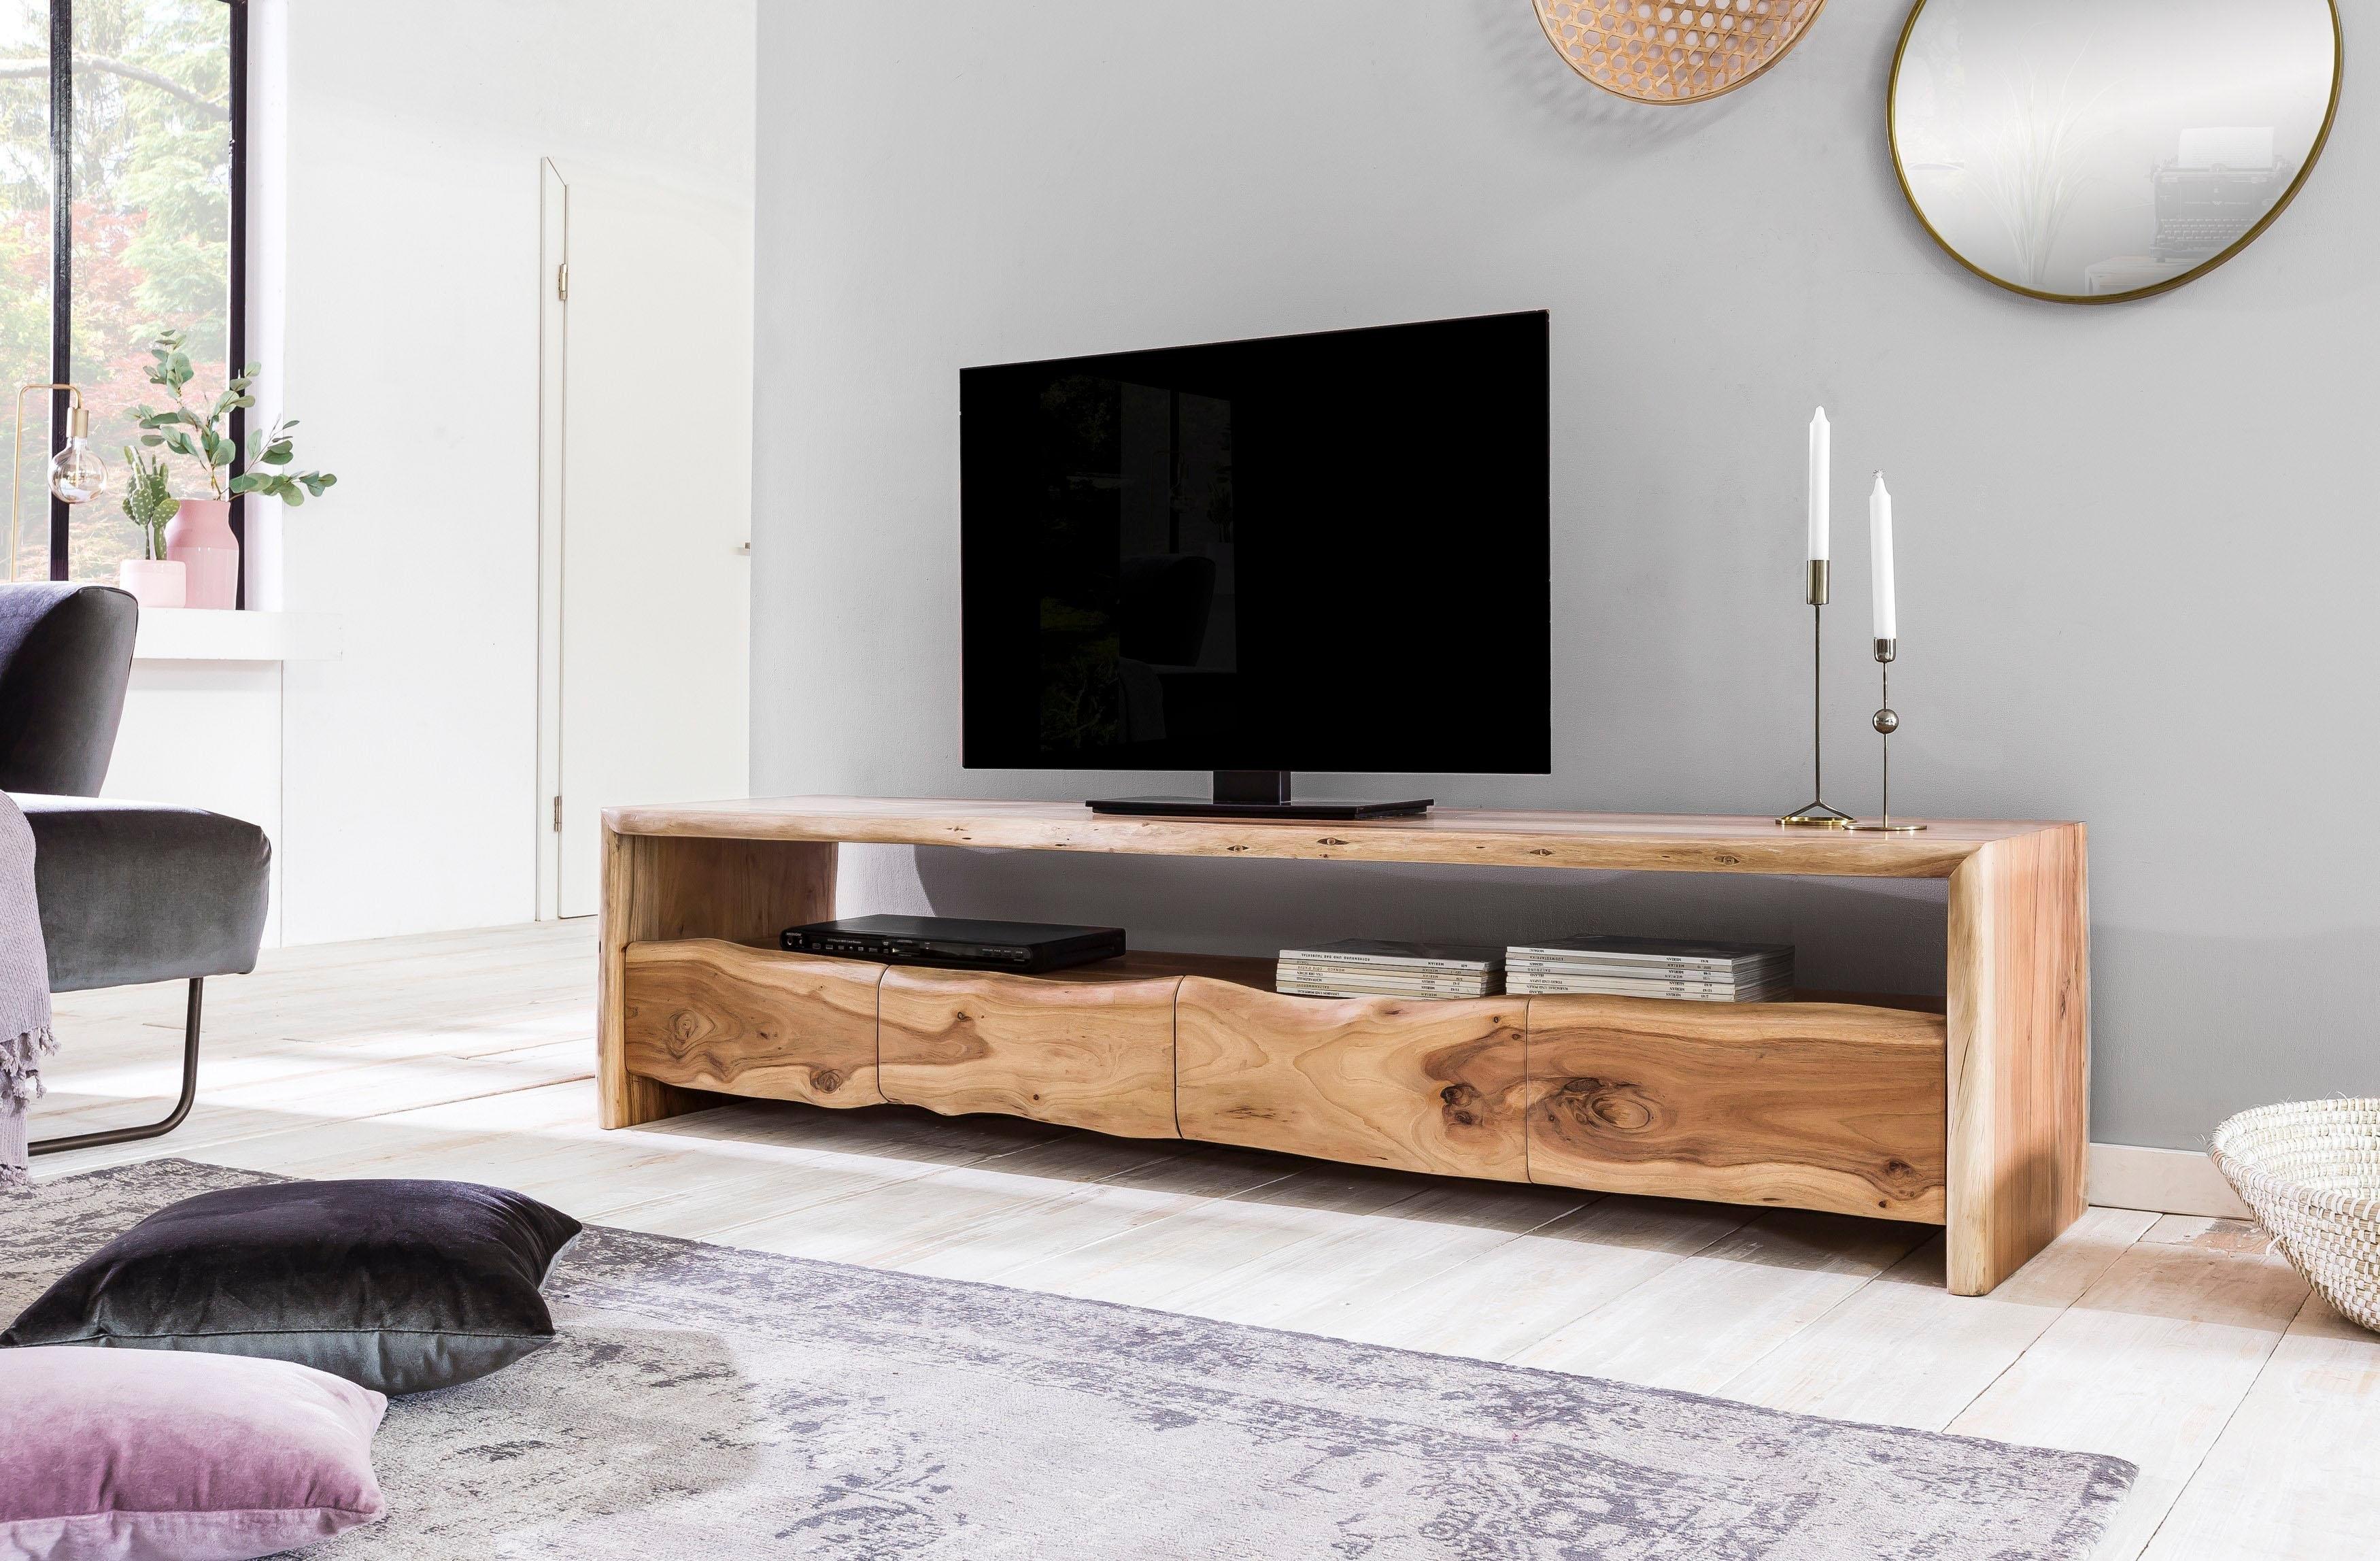 SIT tv-meubel Albero massief acaciahout in boomstam-look, breedte 190 cm online kopen op otto.nl